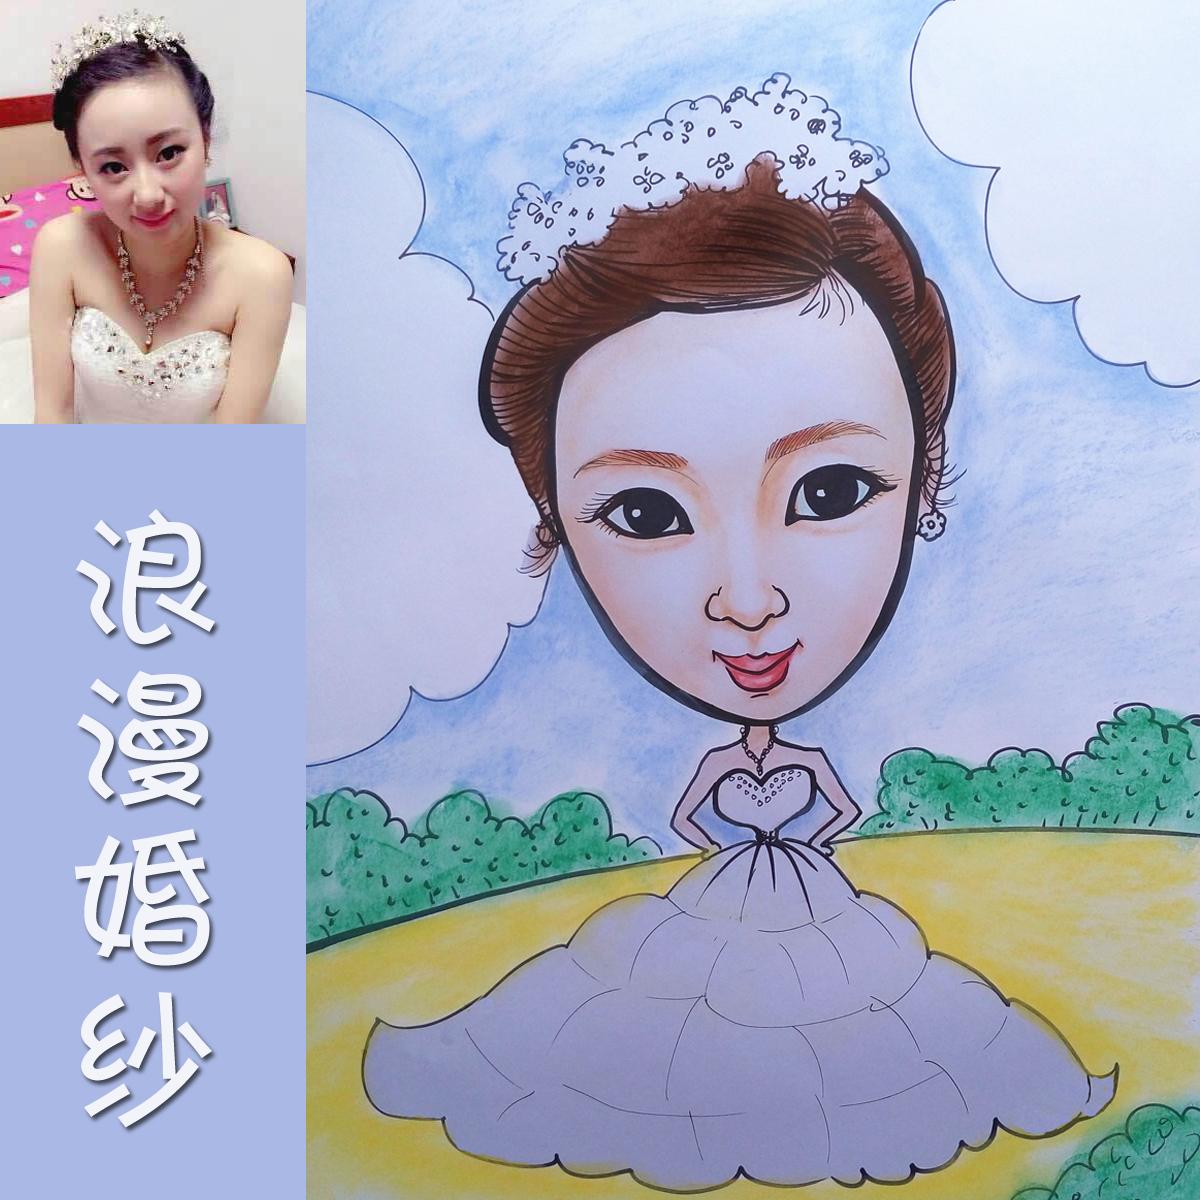 画漫画卡通Q版素描彩绘肖像画动漫设计定制手绘礼物礼品似颜绘